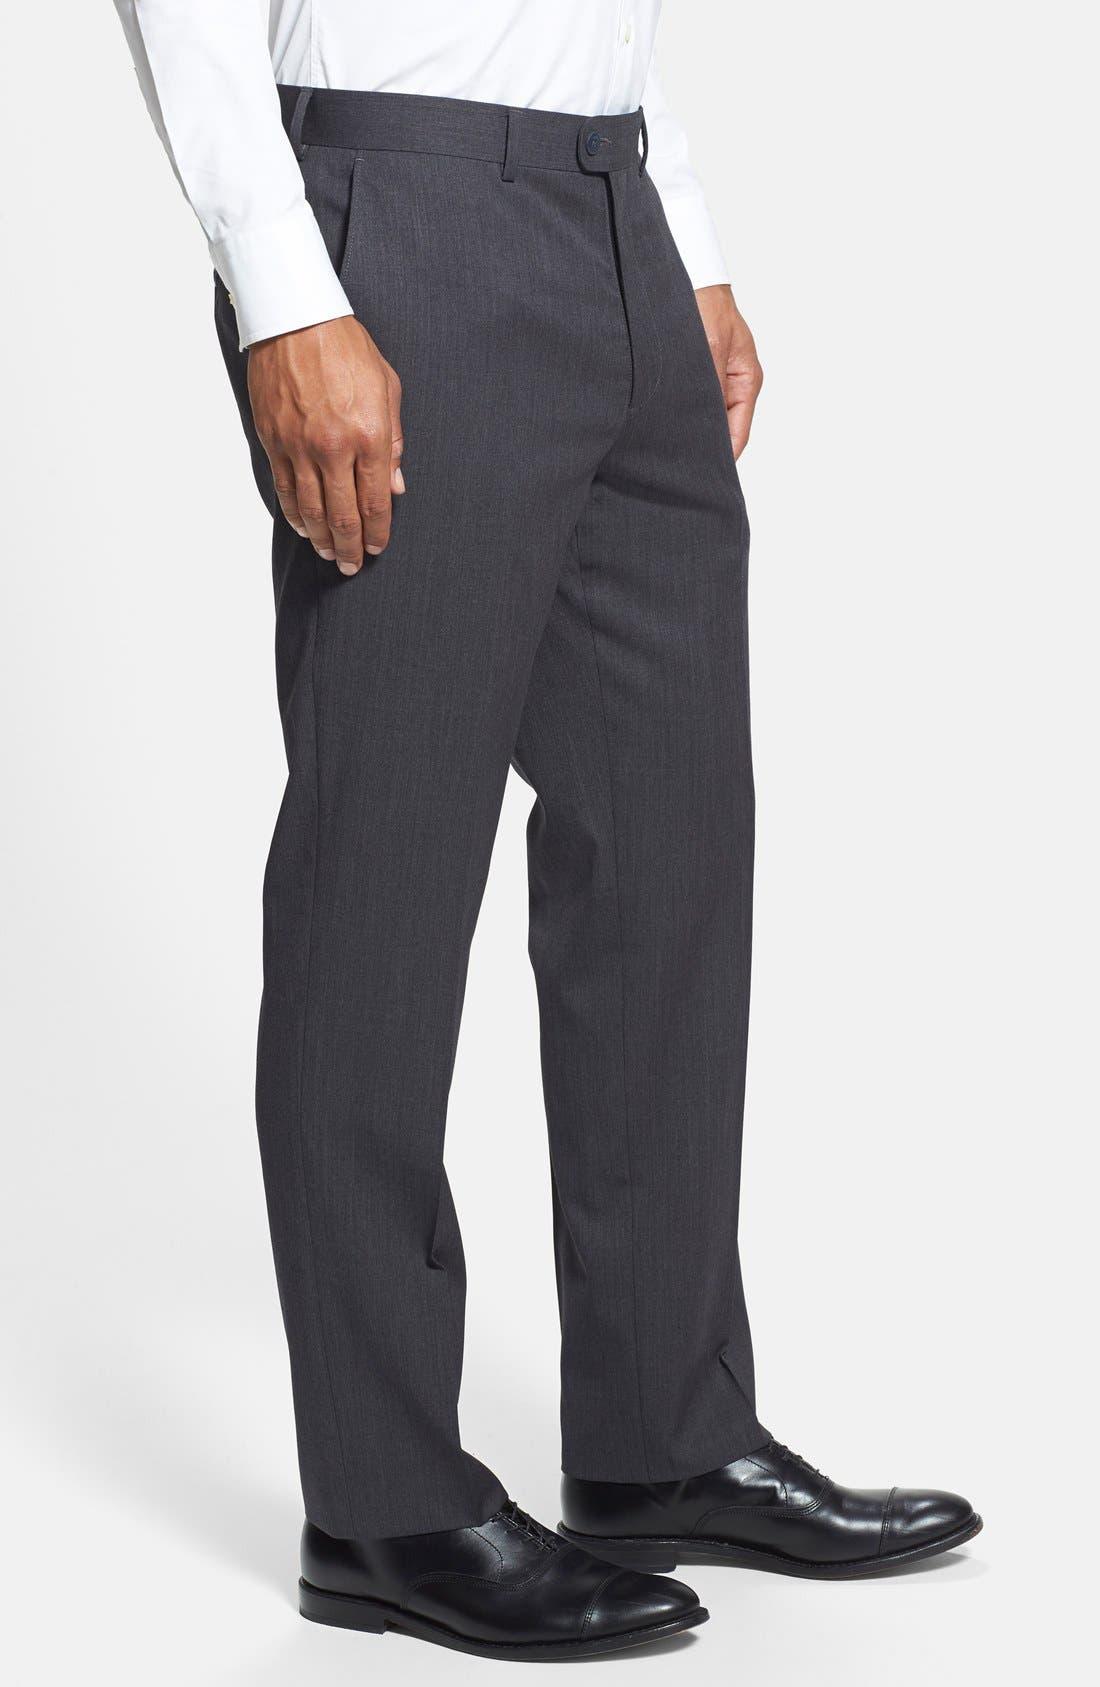 Gab Trim Fit Flat Front Pants,                             Alternate thumbnail 10, color,                             002